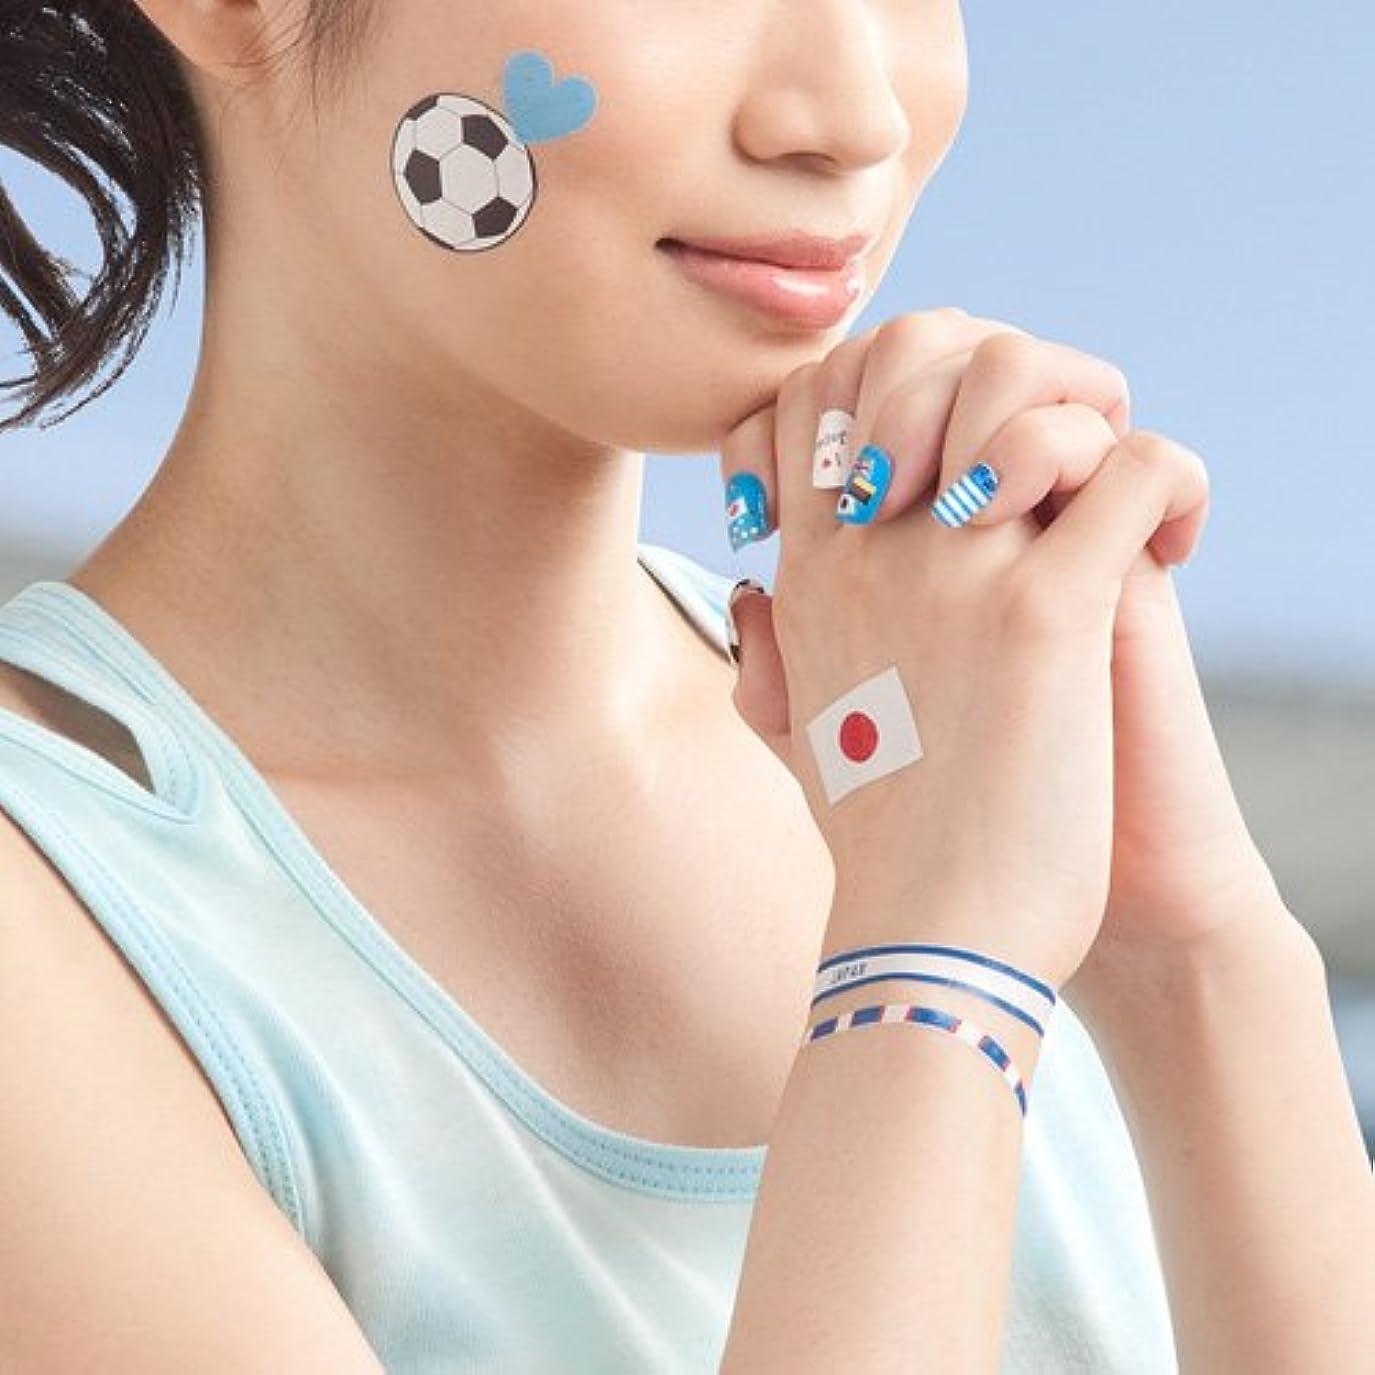 韓国語彼らはきしむサンワサプライ タトゥー?ネイルシール(白)フリーカット LB-TATHK1W